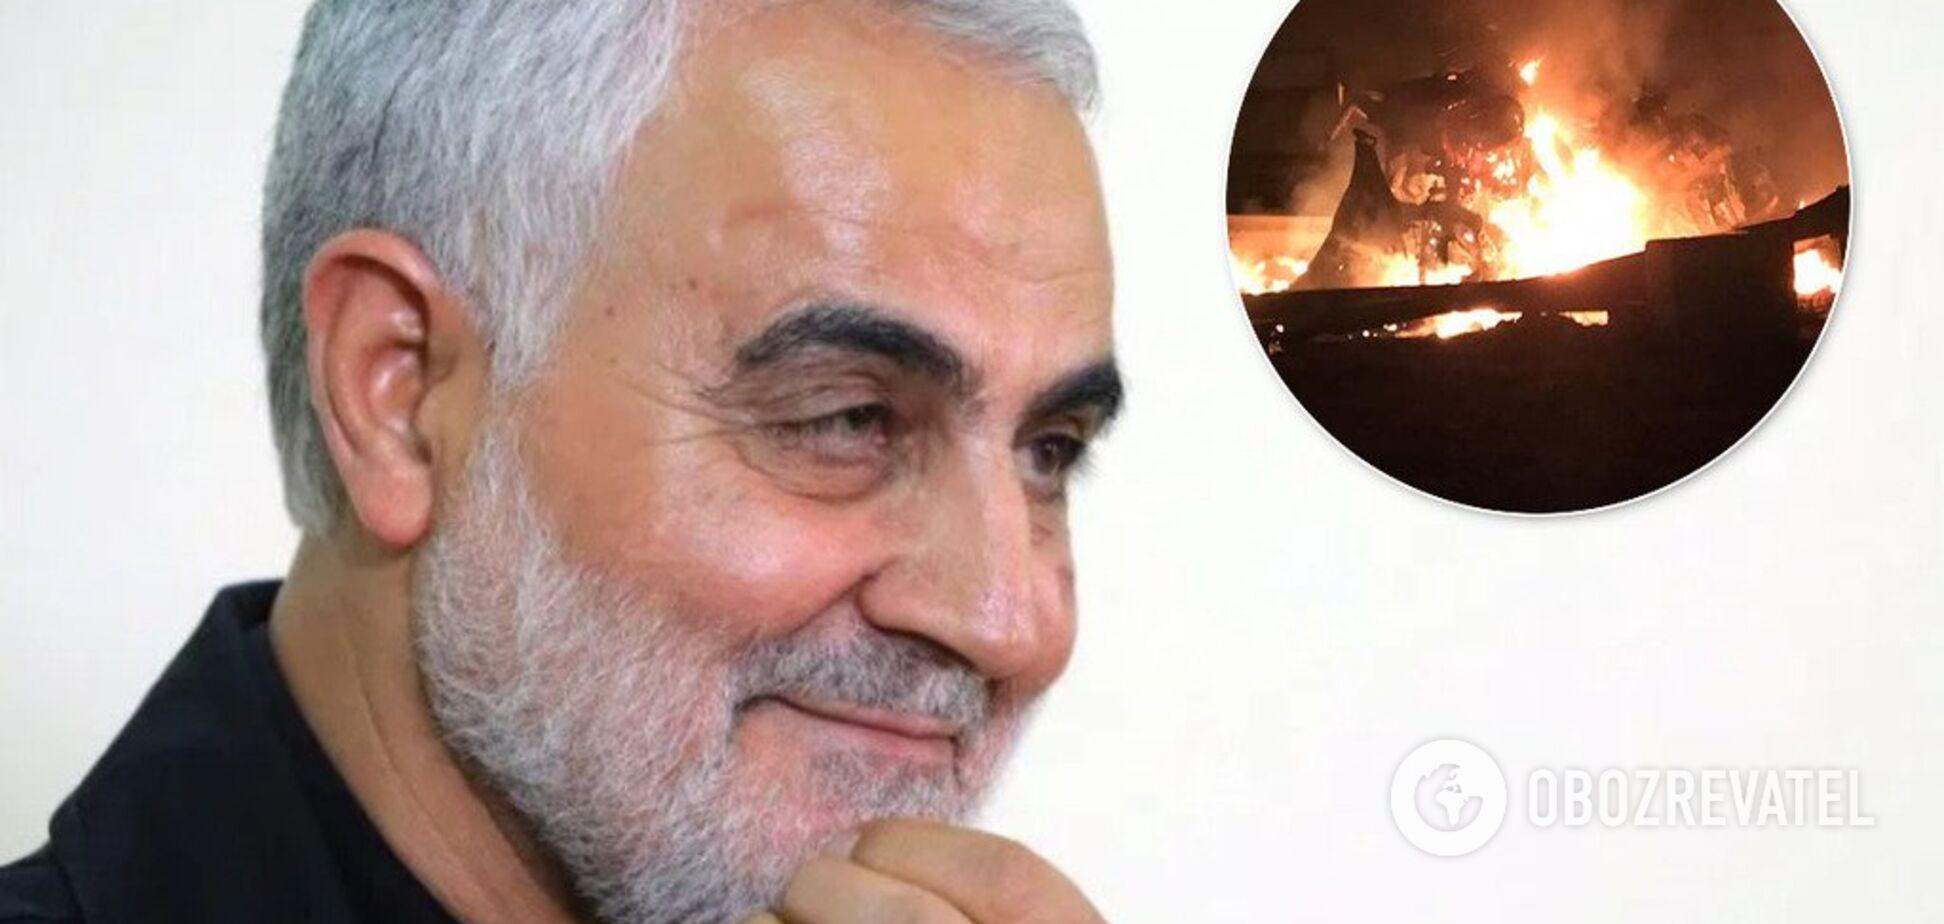 Кровавое месиво: появились первые фото тела убитого Сулеймани. 18+